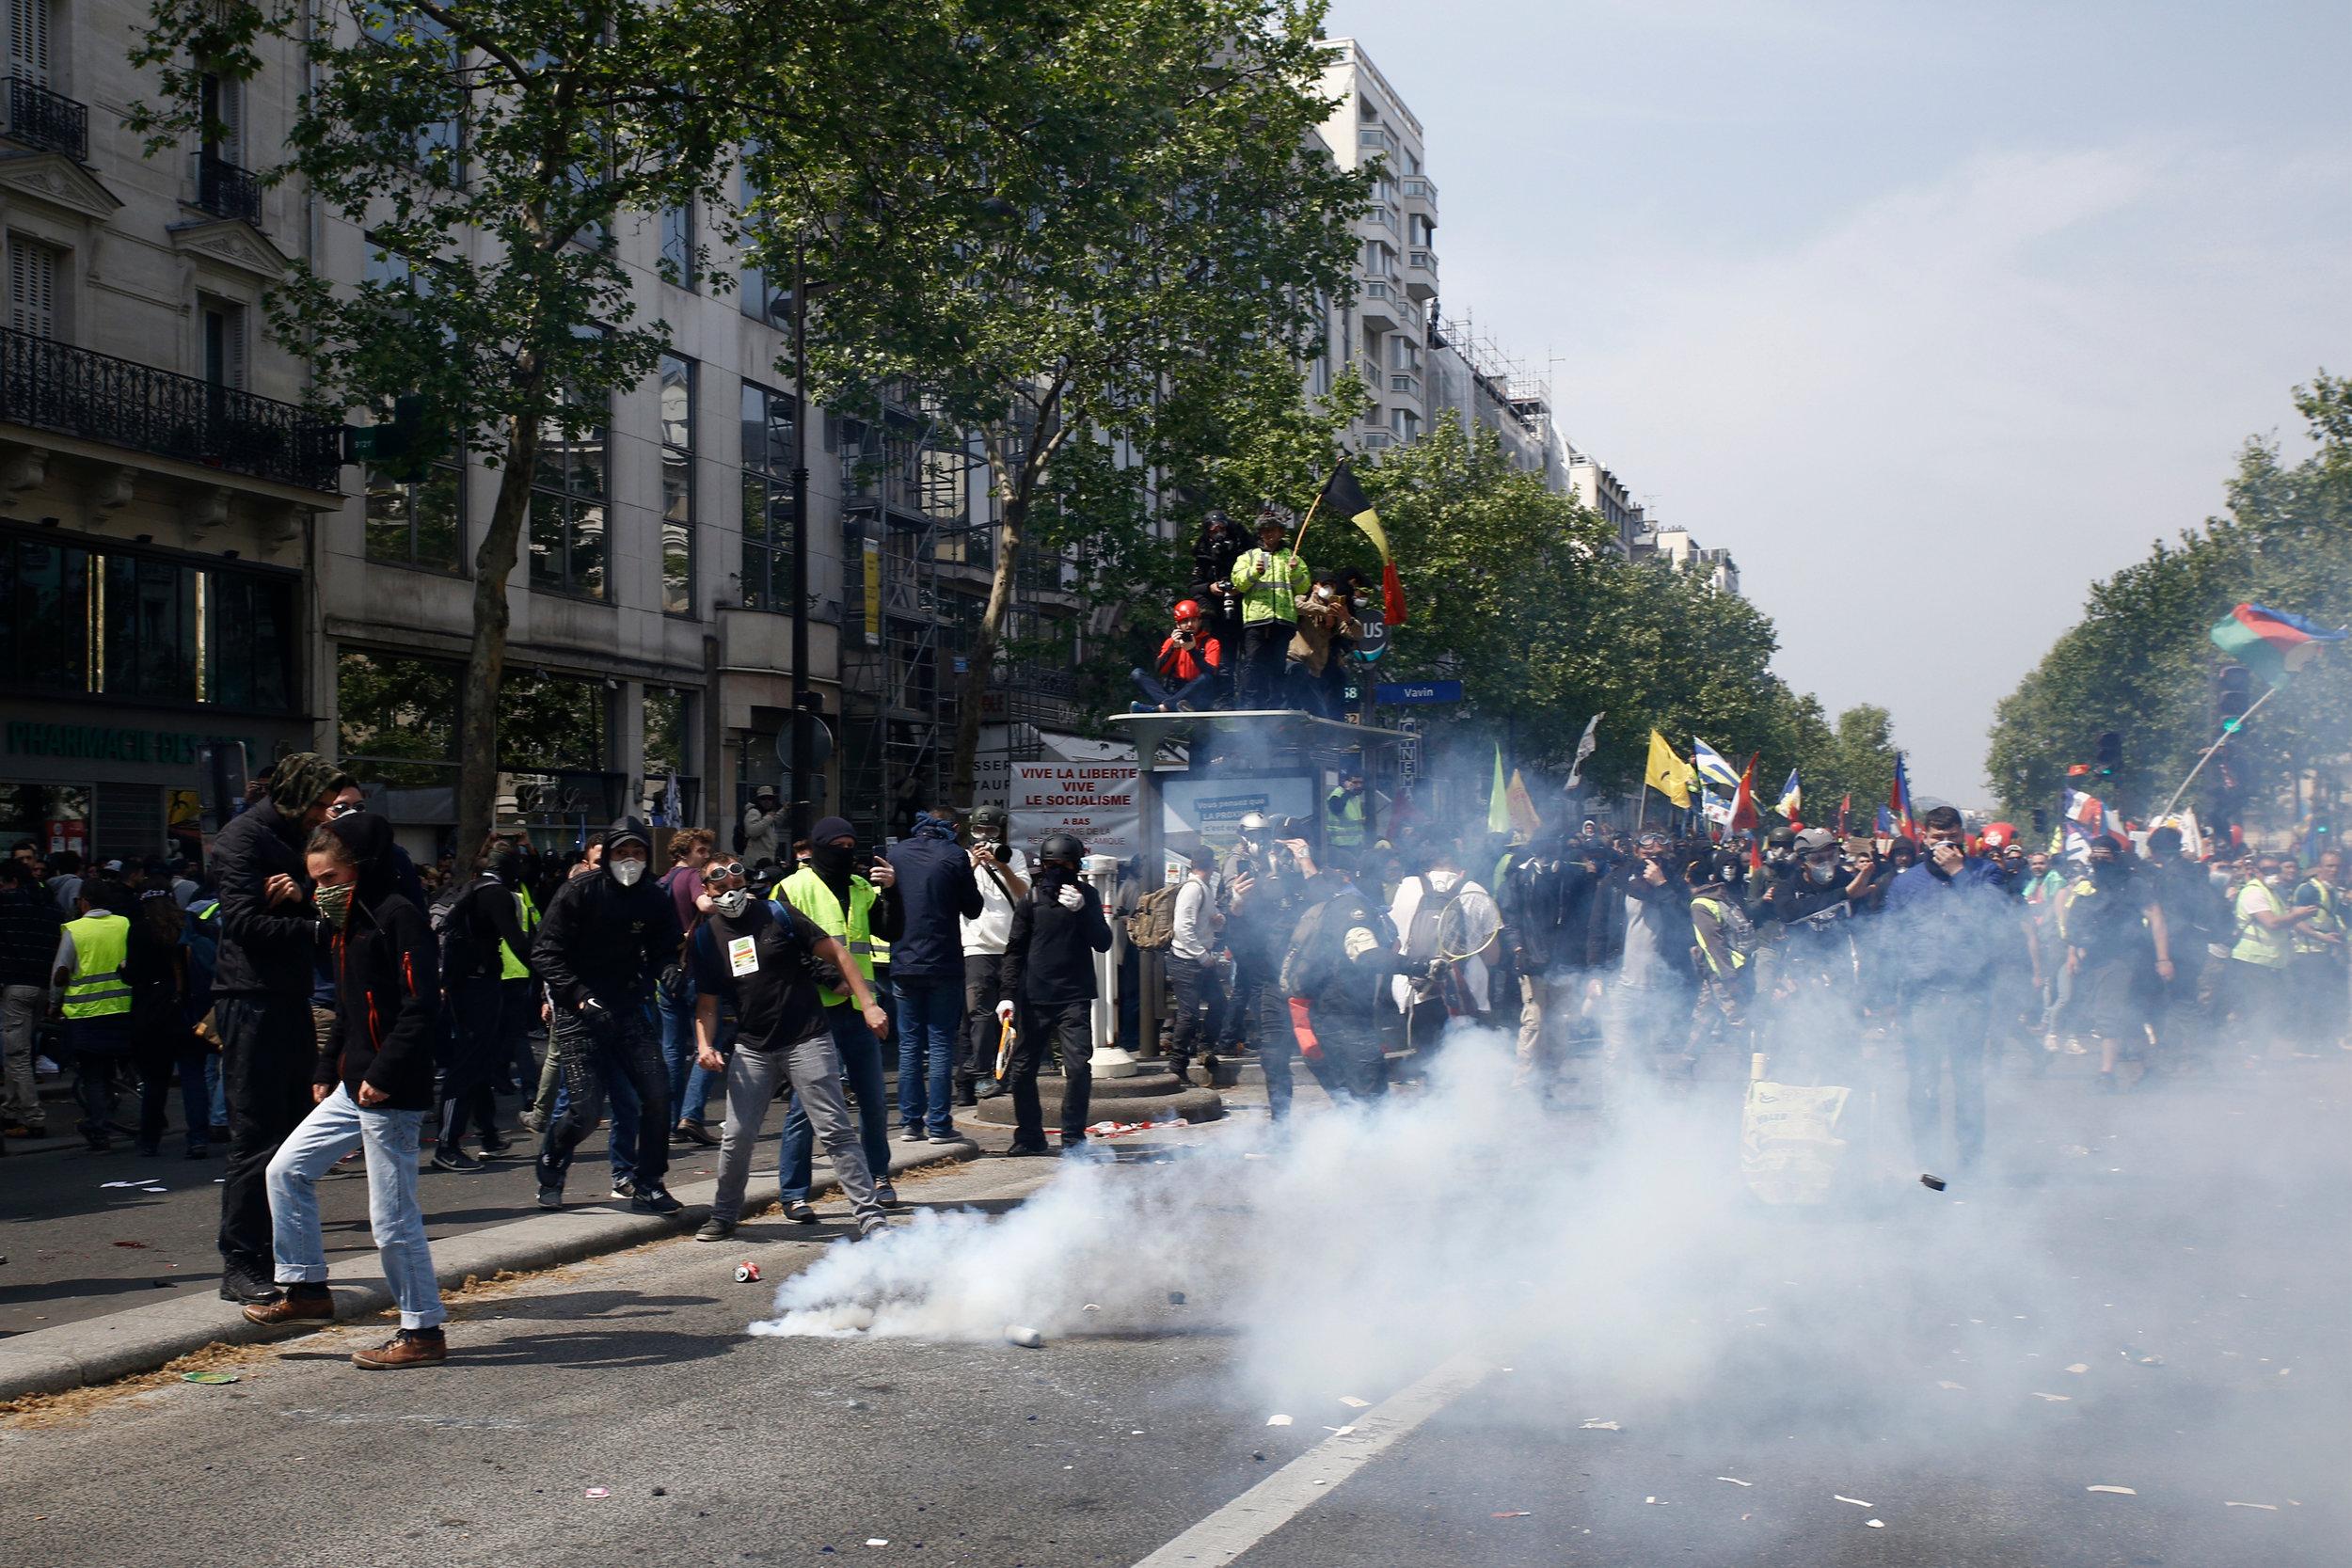 De gule vestene demonstrer i Frankrikes hovedstad. Foto: Alexandros Michailidis / Shutterstock.com